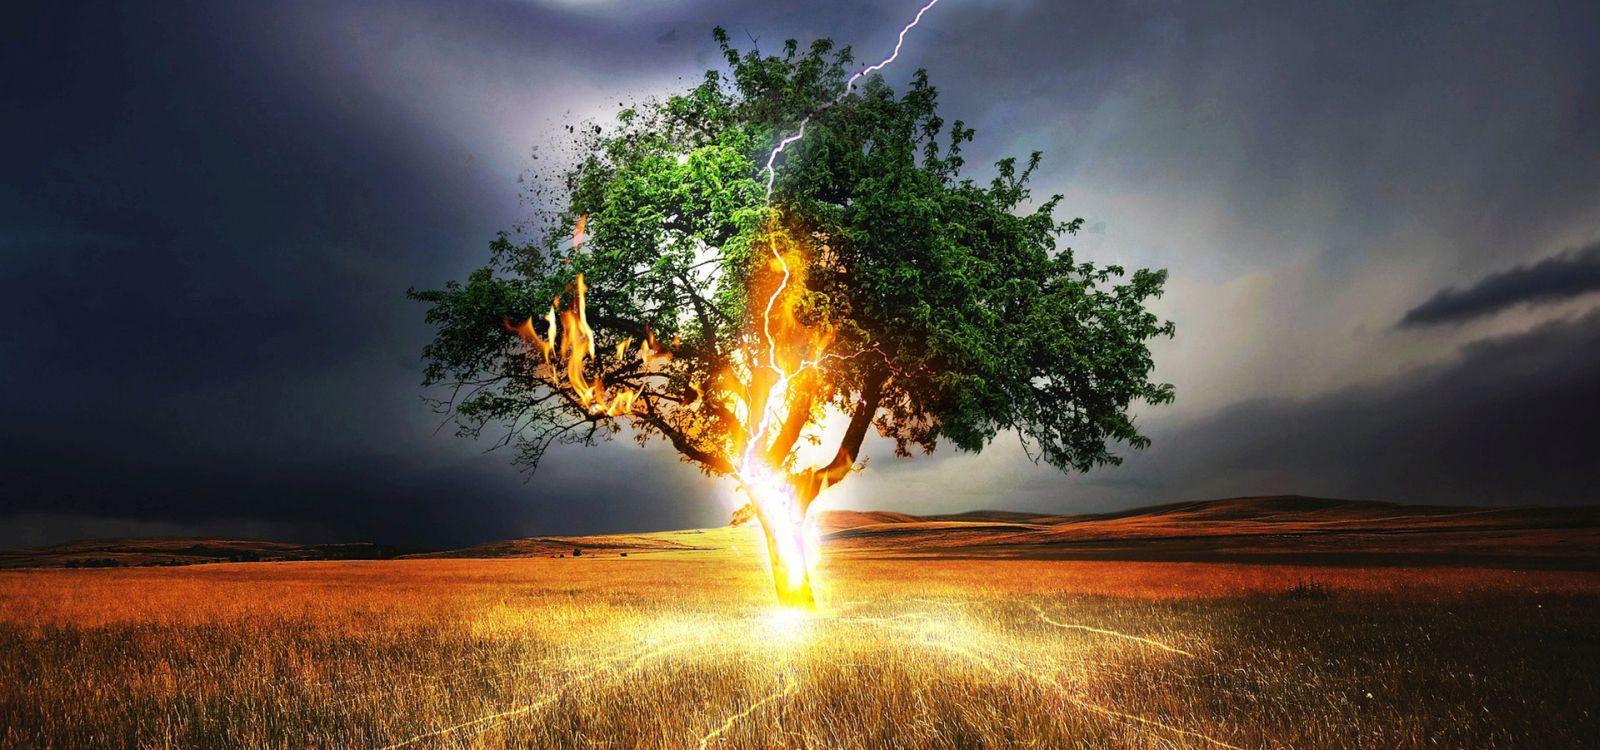 Prepoznatljiva obilježja Božijih kažnjavanja, Hazreti Mirza Tahir Ahmad